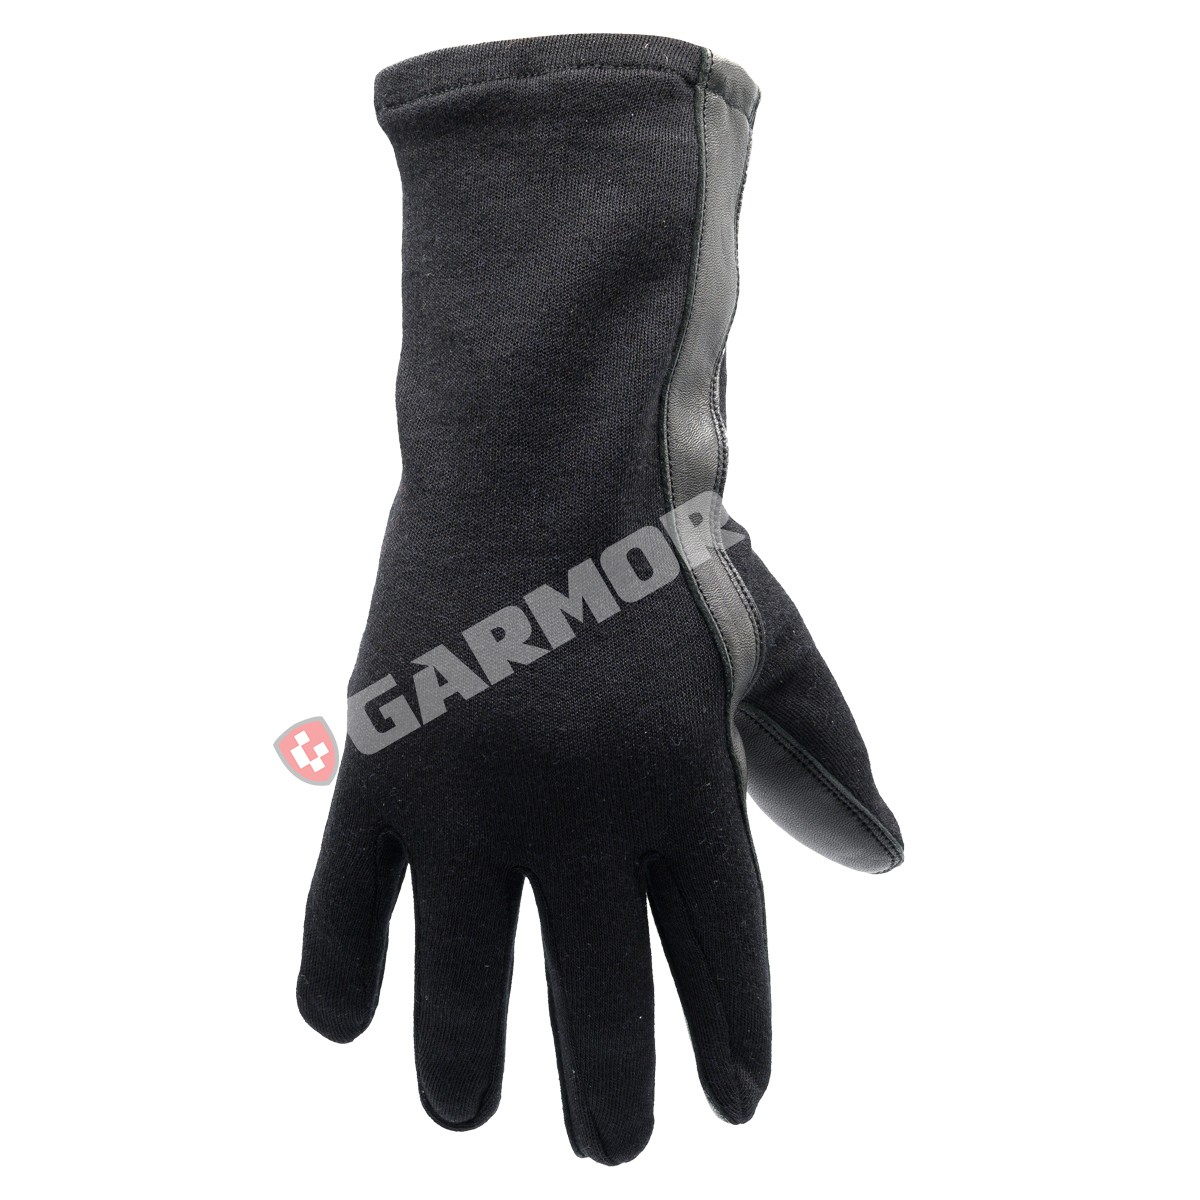 Flyer's Gloves